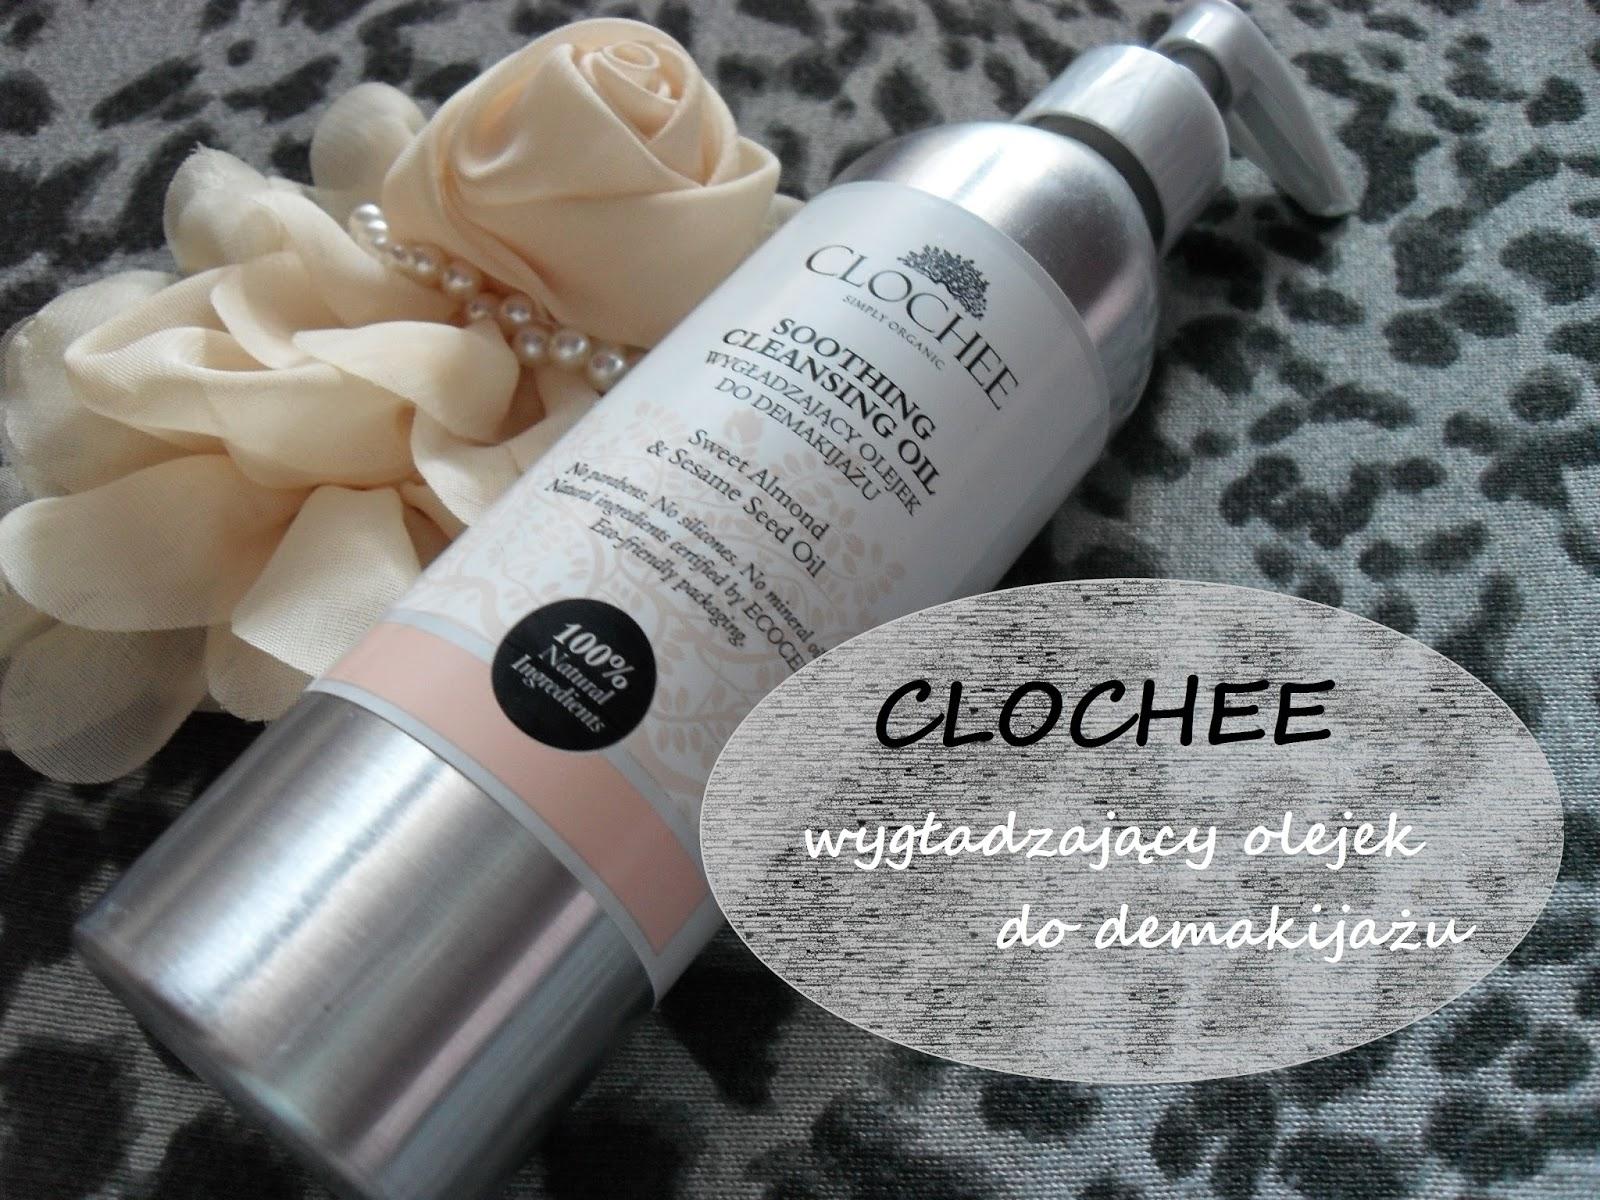 CLOCHEE - Wygładzający olejek do demakijażu